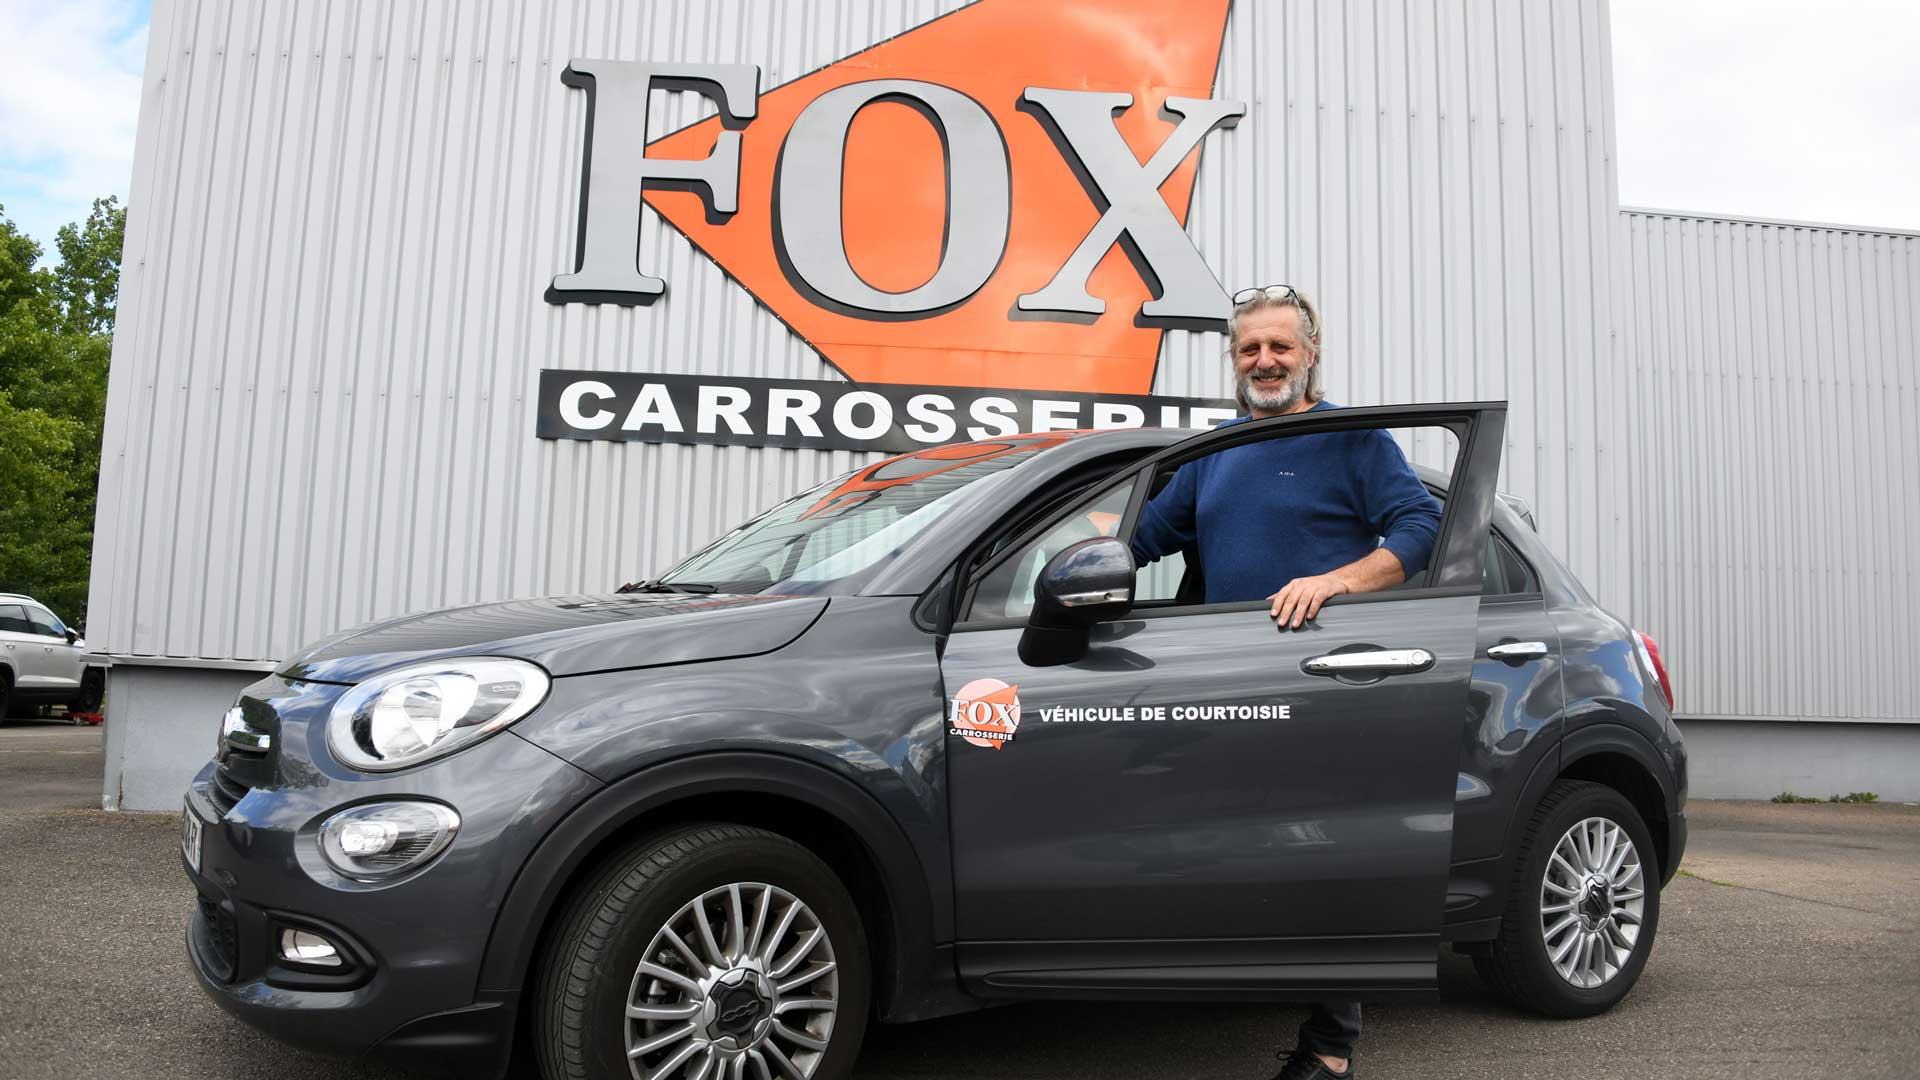 La carrosserie Fox vient en aide au personnel soignant !